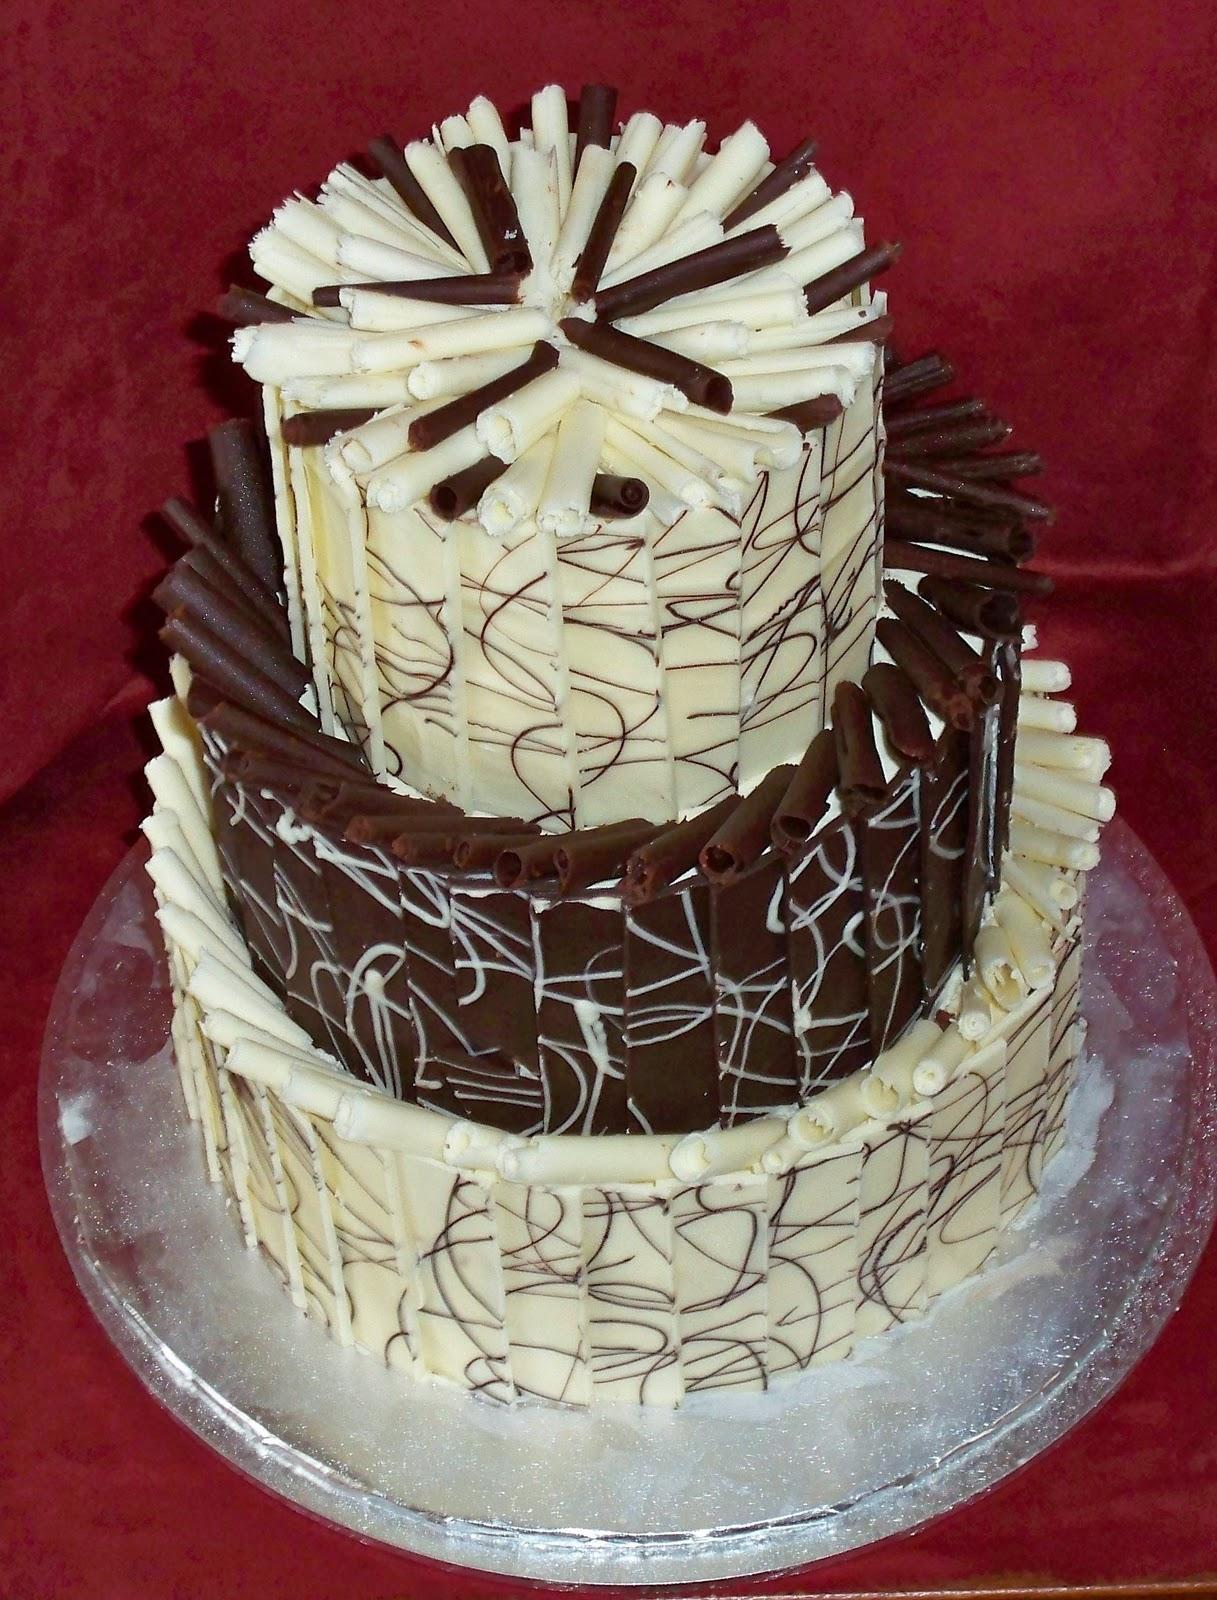 The Top 20 Unique Chocolate Cakes